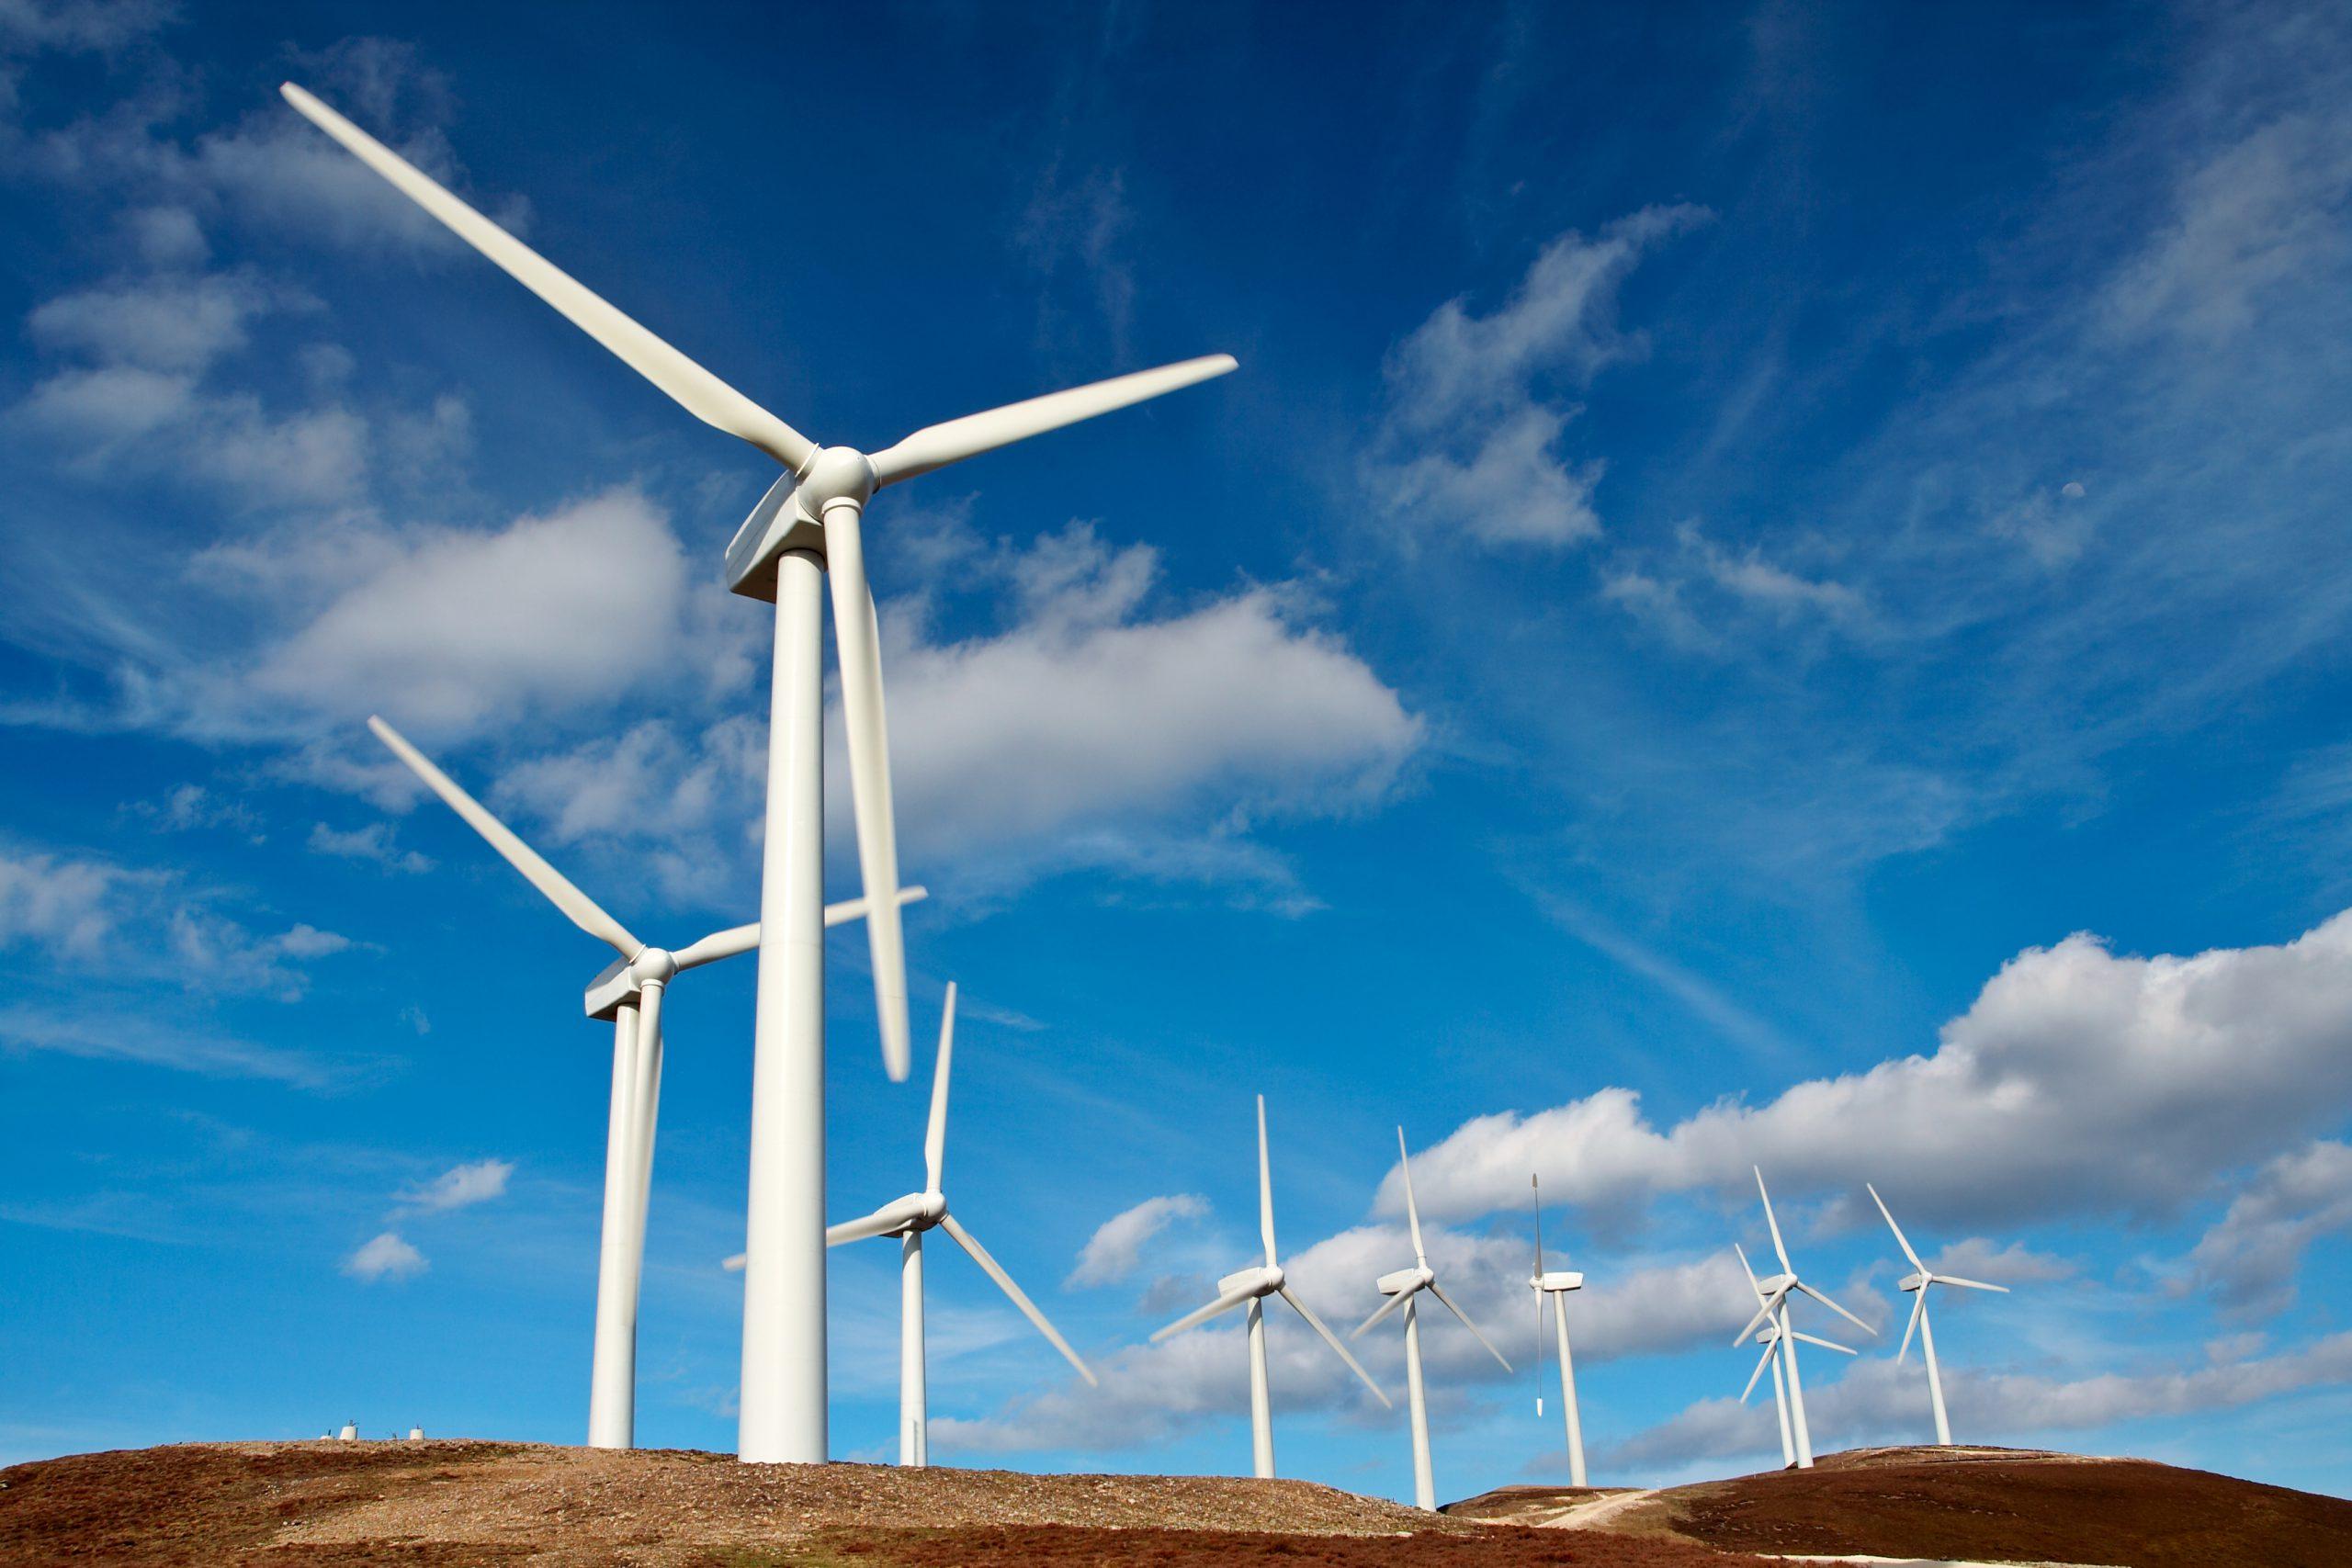 Ветряные электростанции для дома: подбор современных моделей и расчет их эффективности + инструкция как сделать своими руками